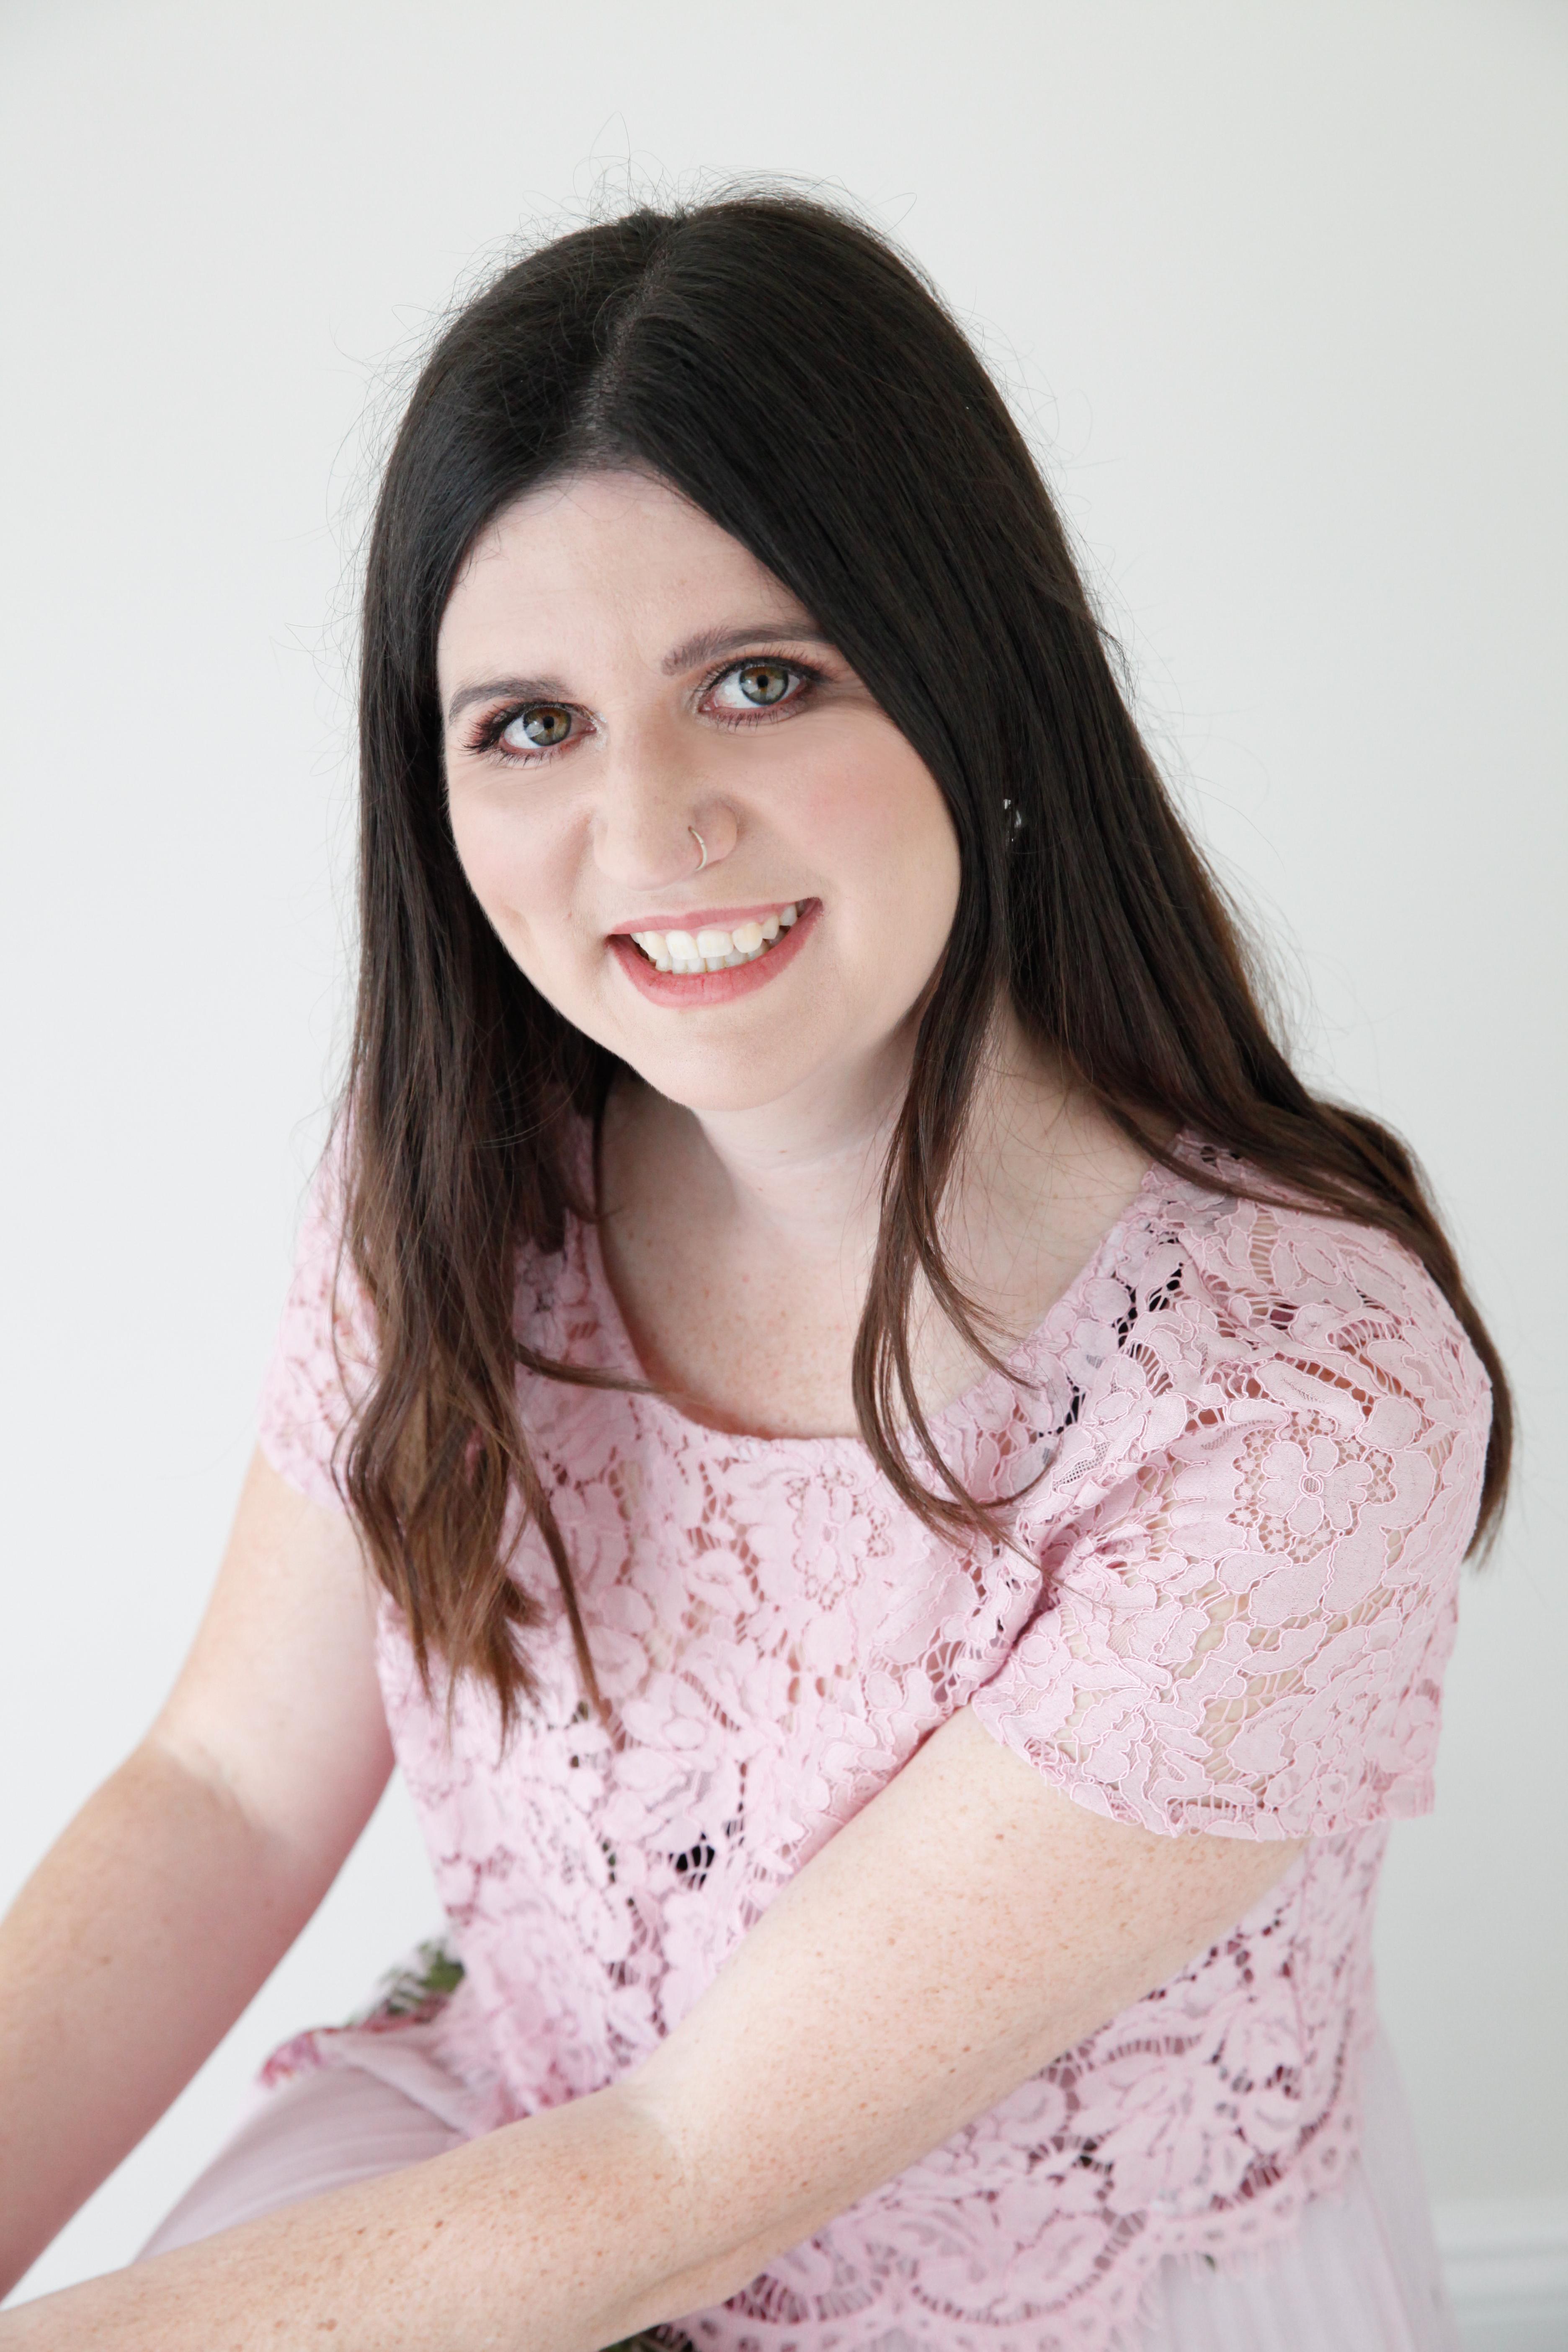 Nicole Mulholland